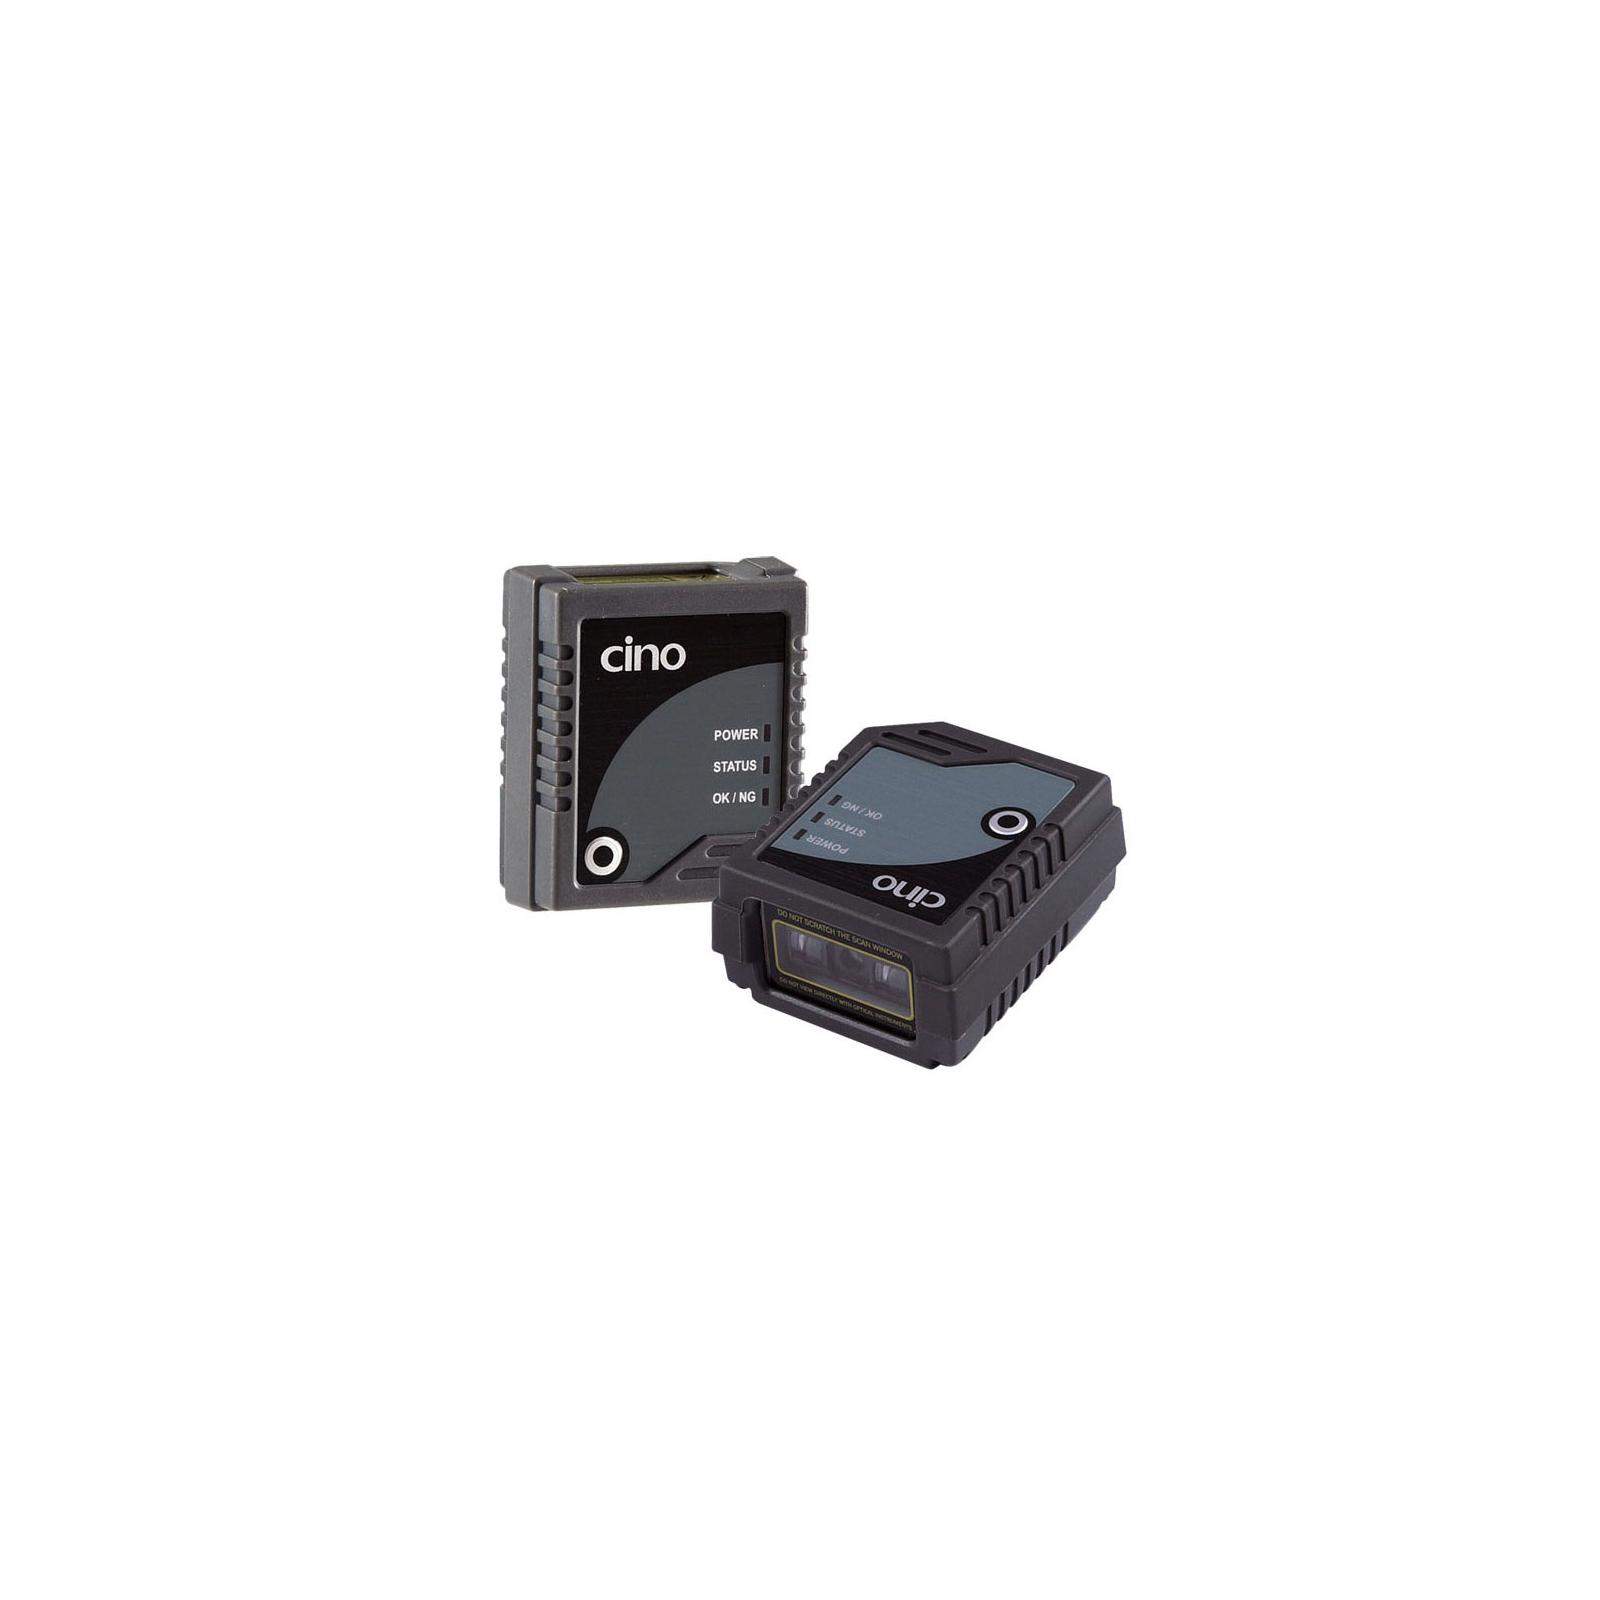 Сканер штрих-кода CINO FM480-98F Universal(1D) (9614) изображение 4